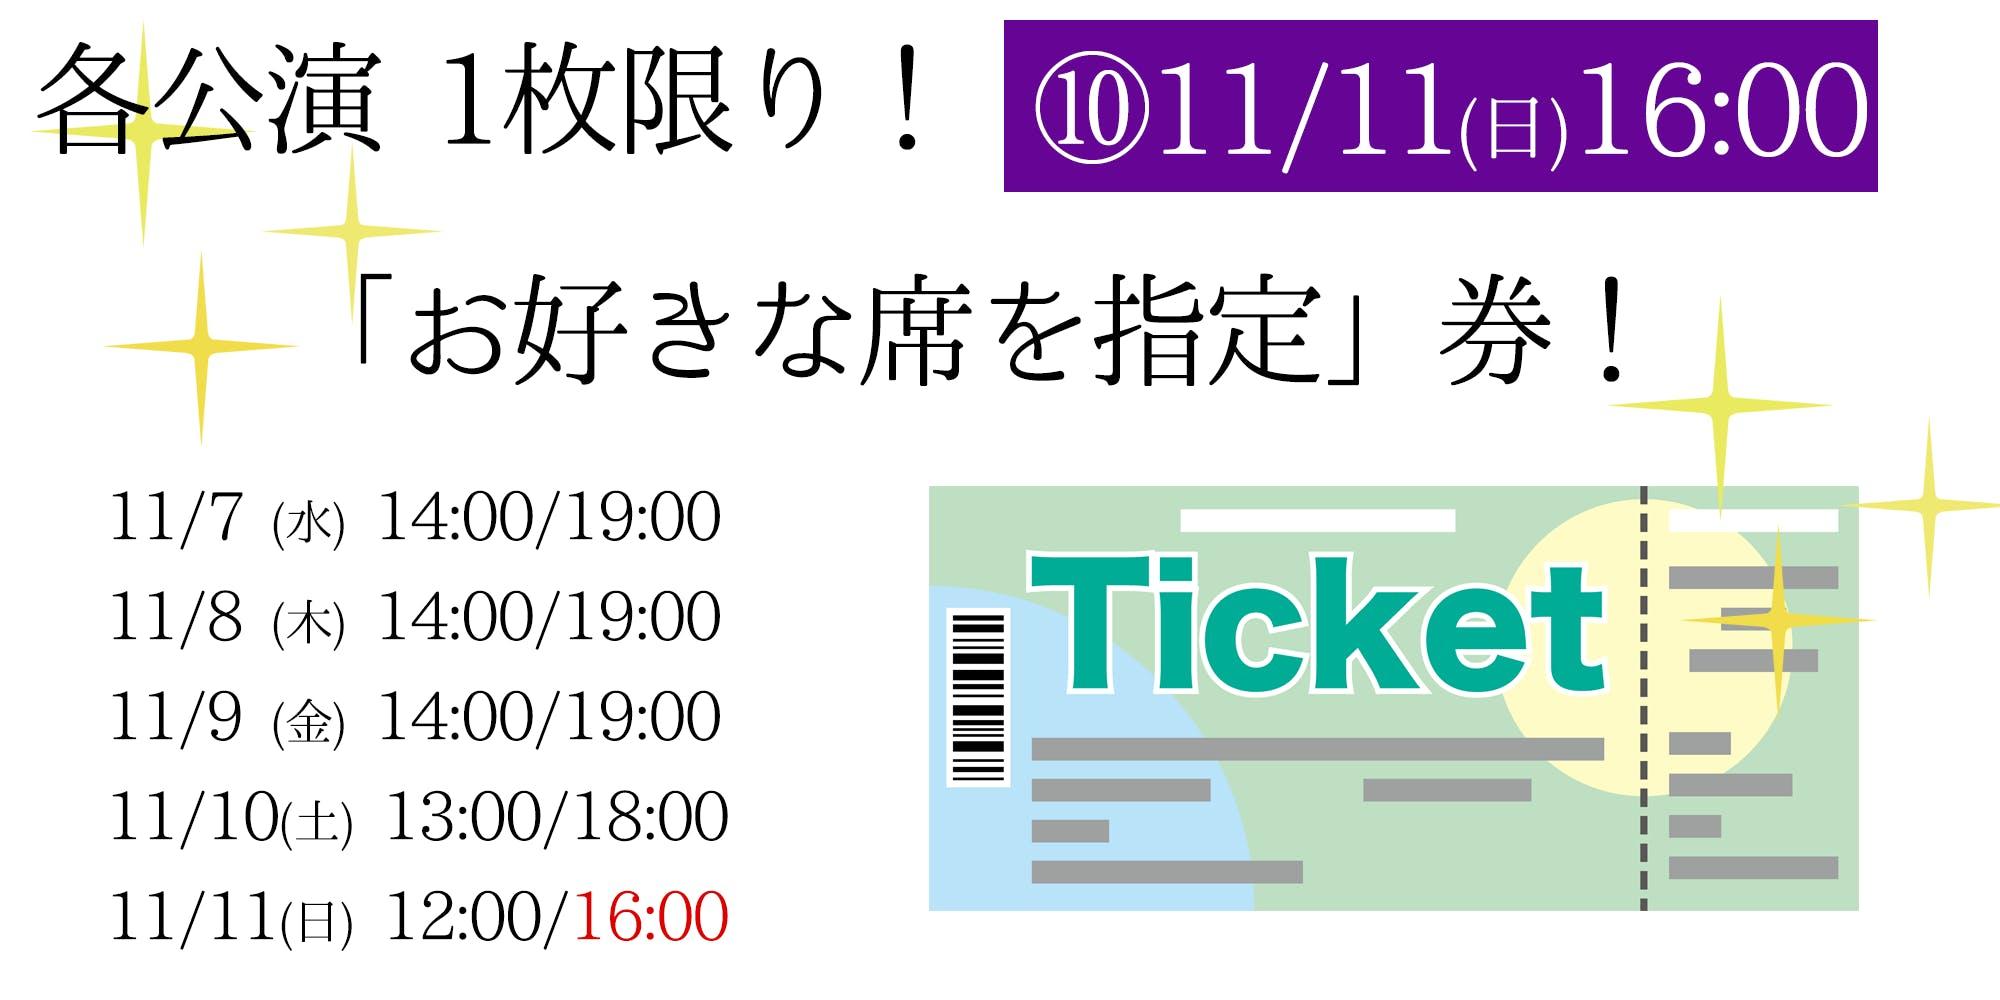 チケット10